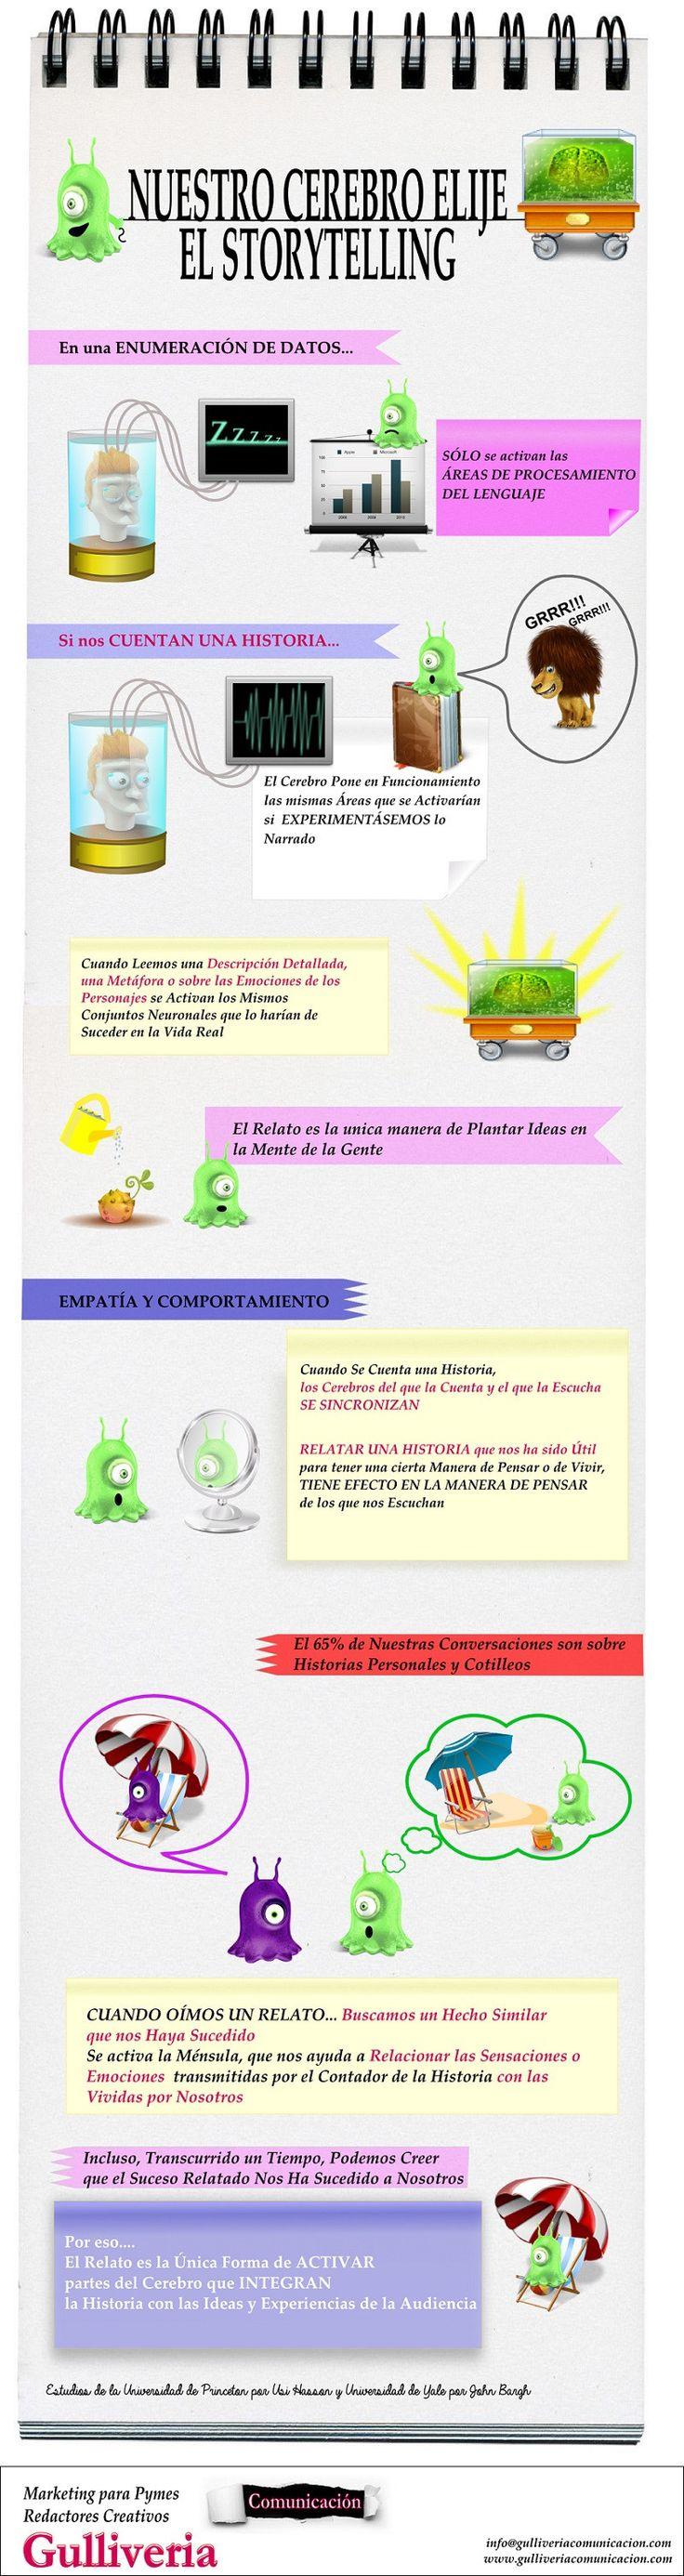 Nuestro cerebro elige el StoryTelling. #Infografía en español